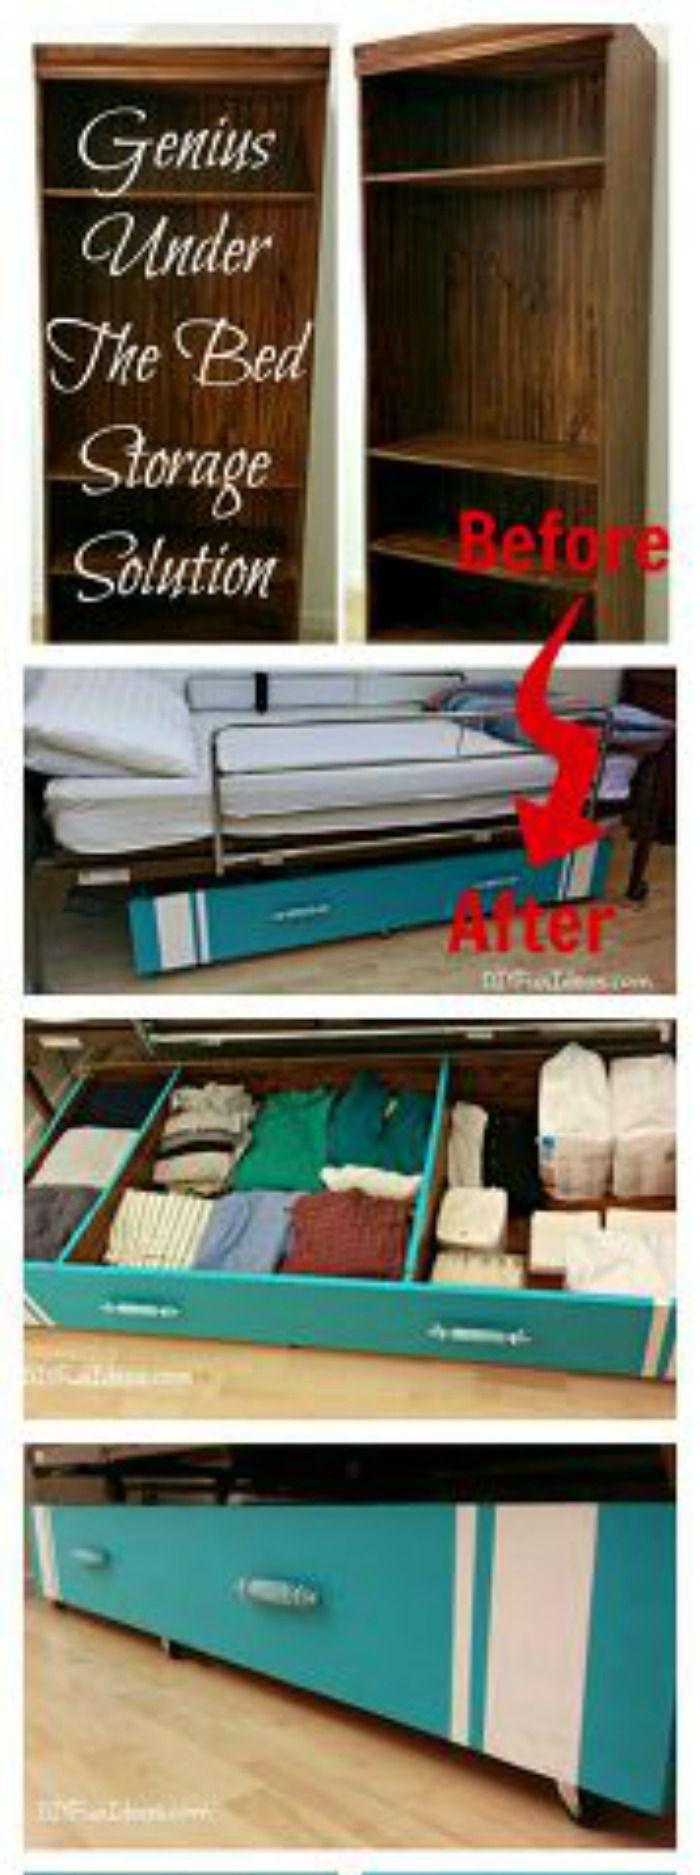 Genius under the bed storage solution